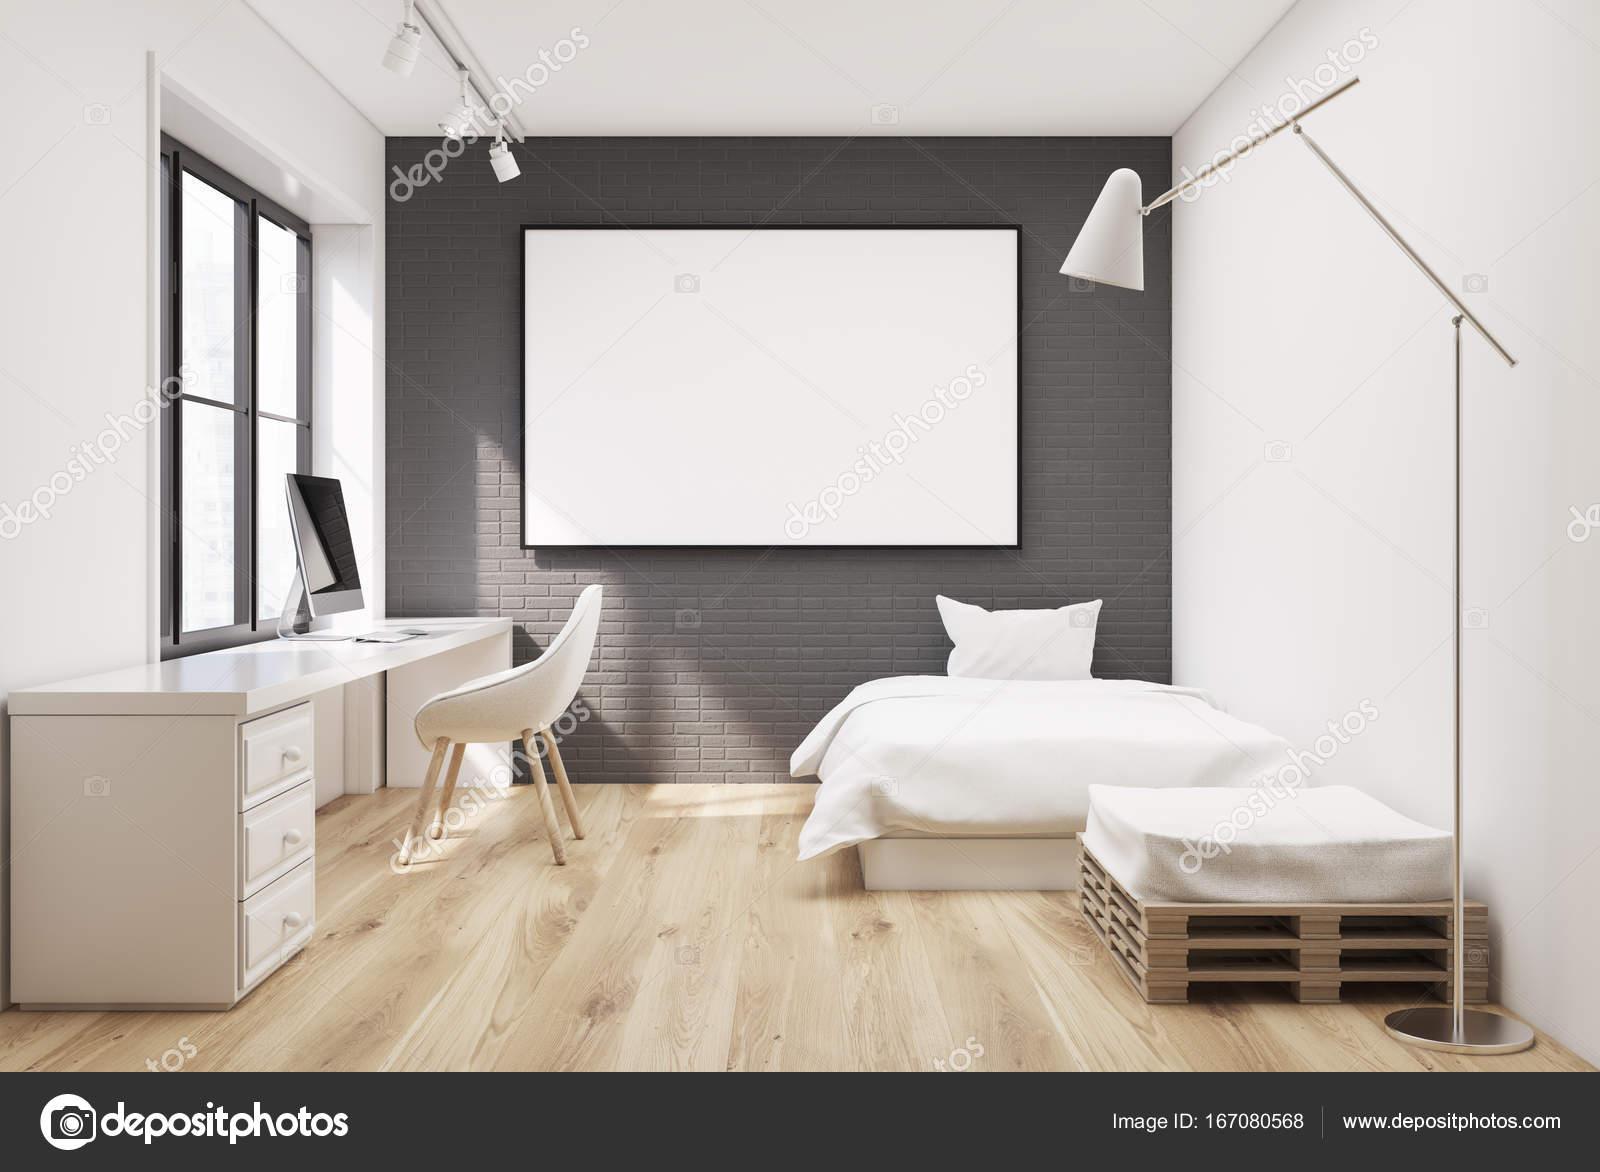 Erstaunlich Grauen Ziegel Schlafzimmer Innenraum Mit Einem Weißen Bett, Ein Sessel Und  Ein Computertisch. Eine Horizontale Gerahmte Poster An Der Wand.